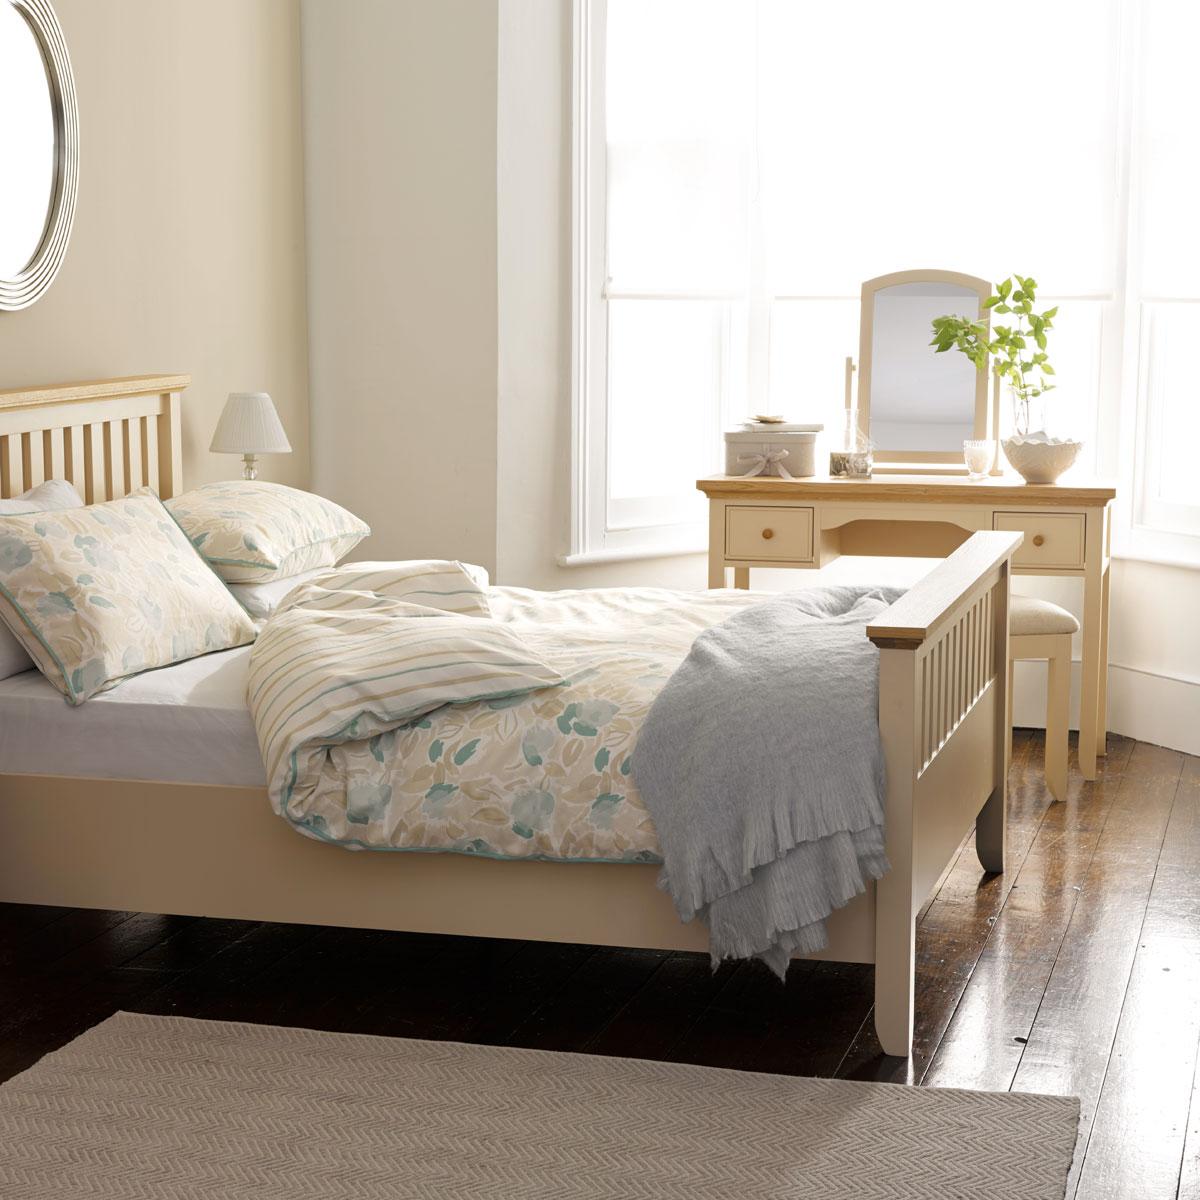 Tienda online de muebles para el sal n comprar muebles para el sal n laura ashley decoraci n - Muebles laura ashley ...